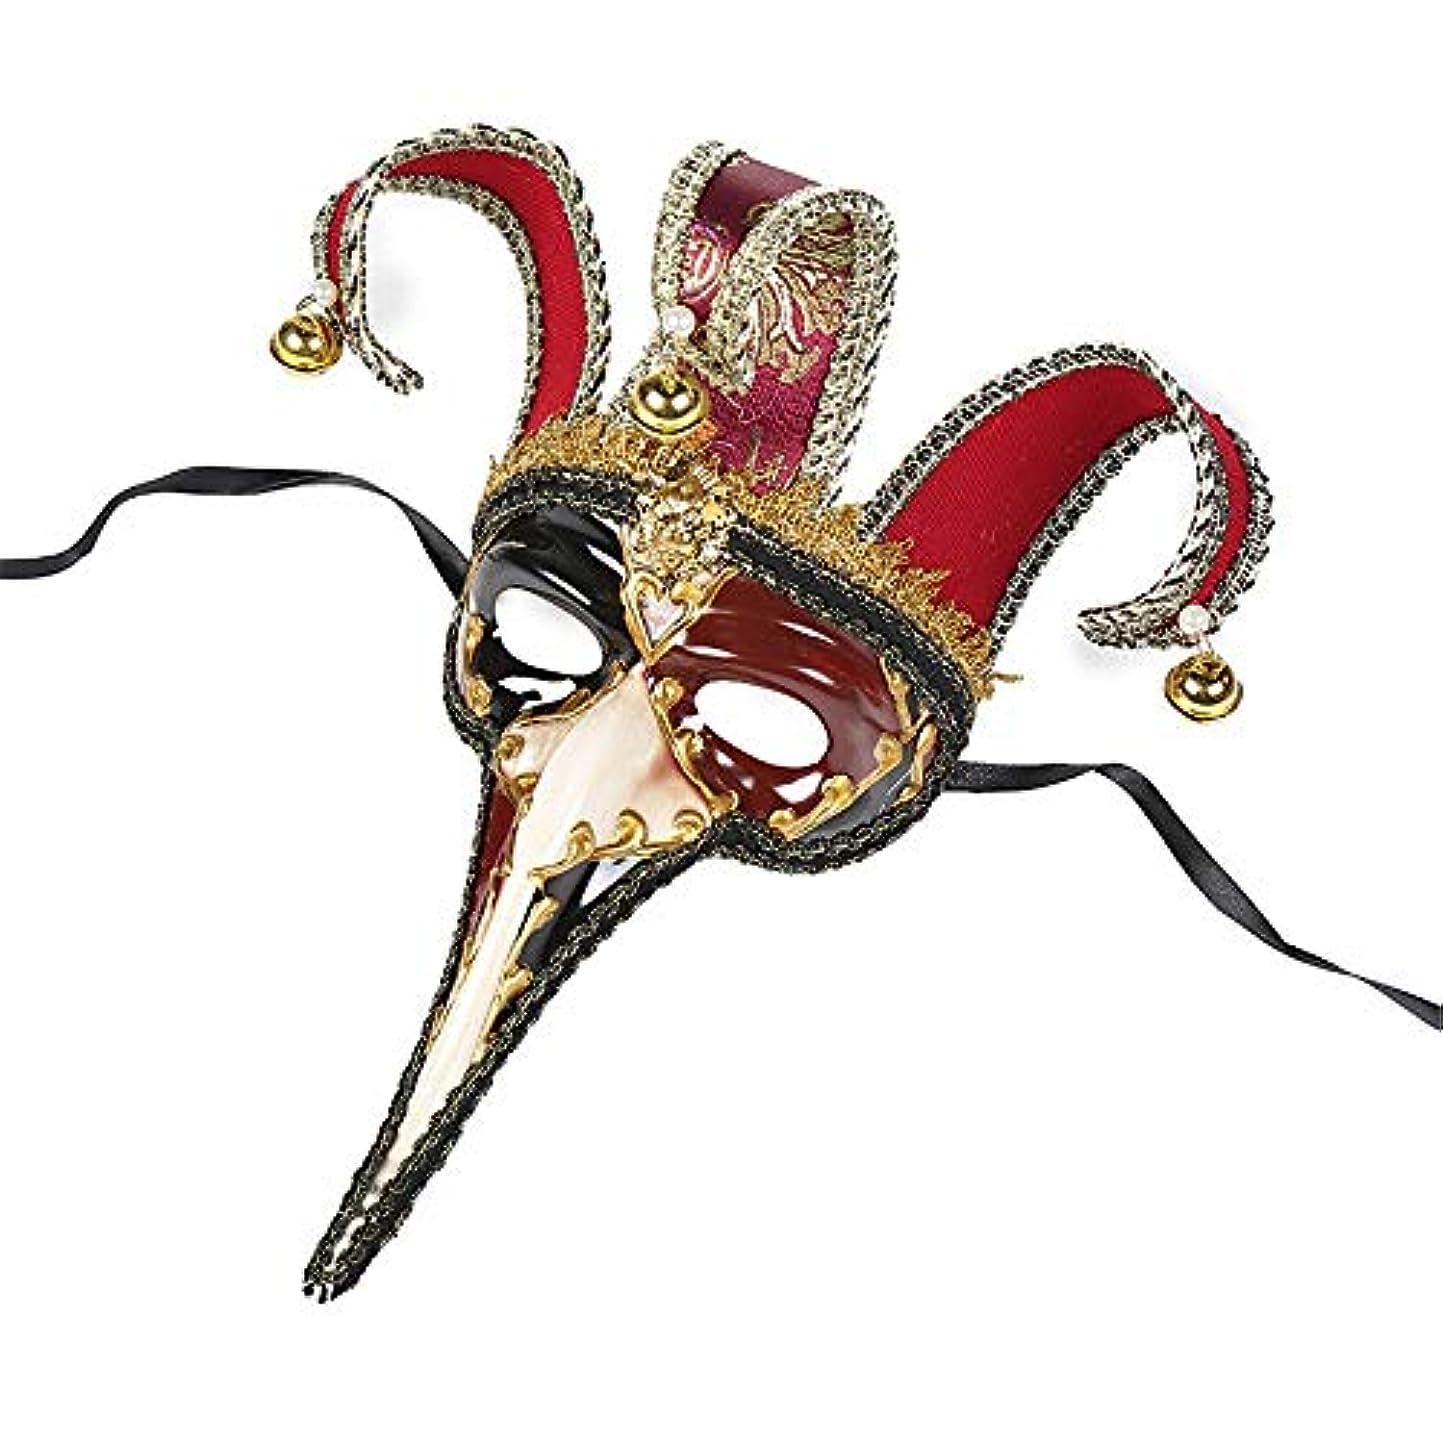 より胴体不条理ダンスマスク ハーフフェイス鼻フラミンゴハロウィーン仮装雰囲気クリスマスフェスティバルロールプレイングプラスチックマスク ホリデーパーティー用品 (色 : 赤, サイズ : 42x15cm)